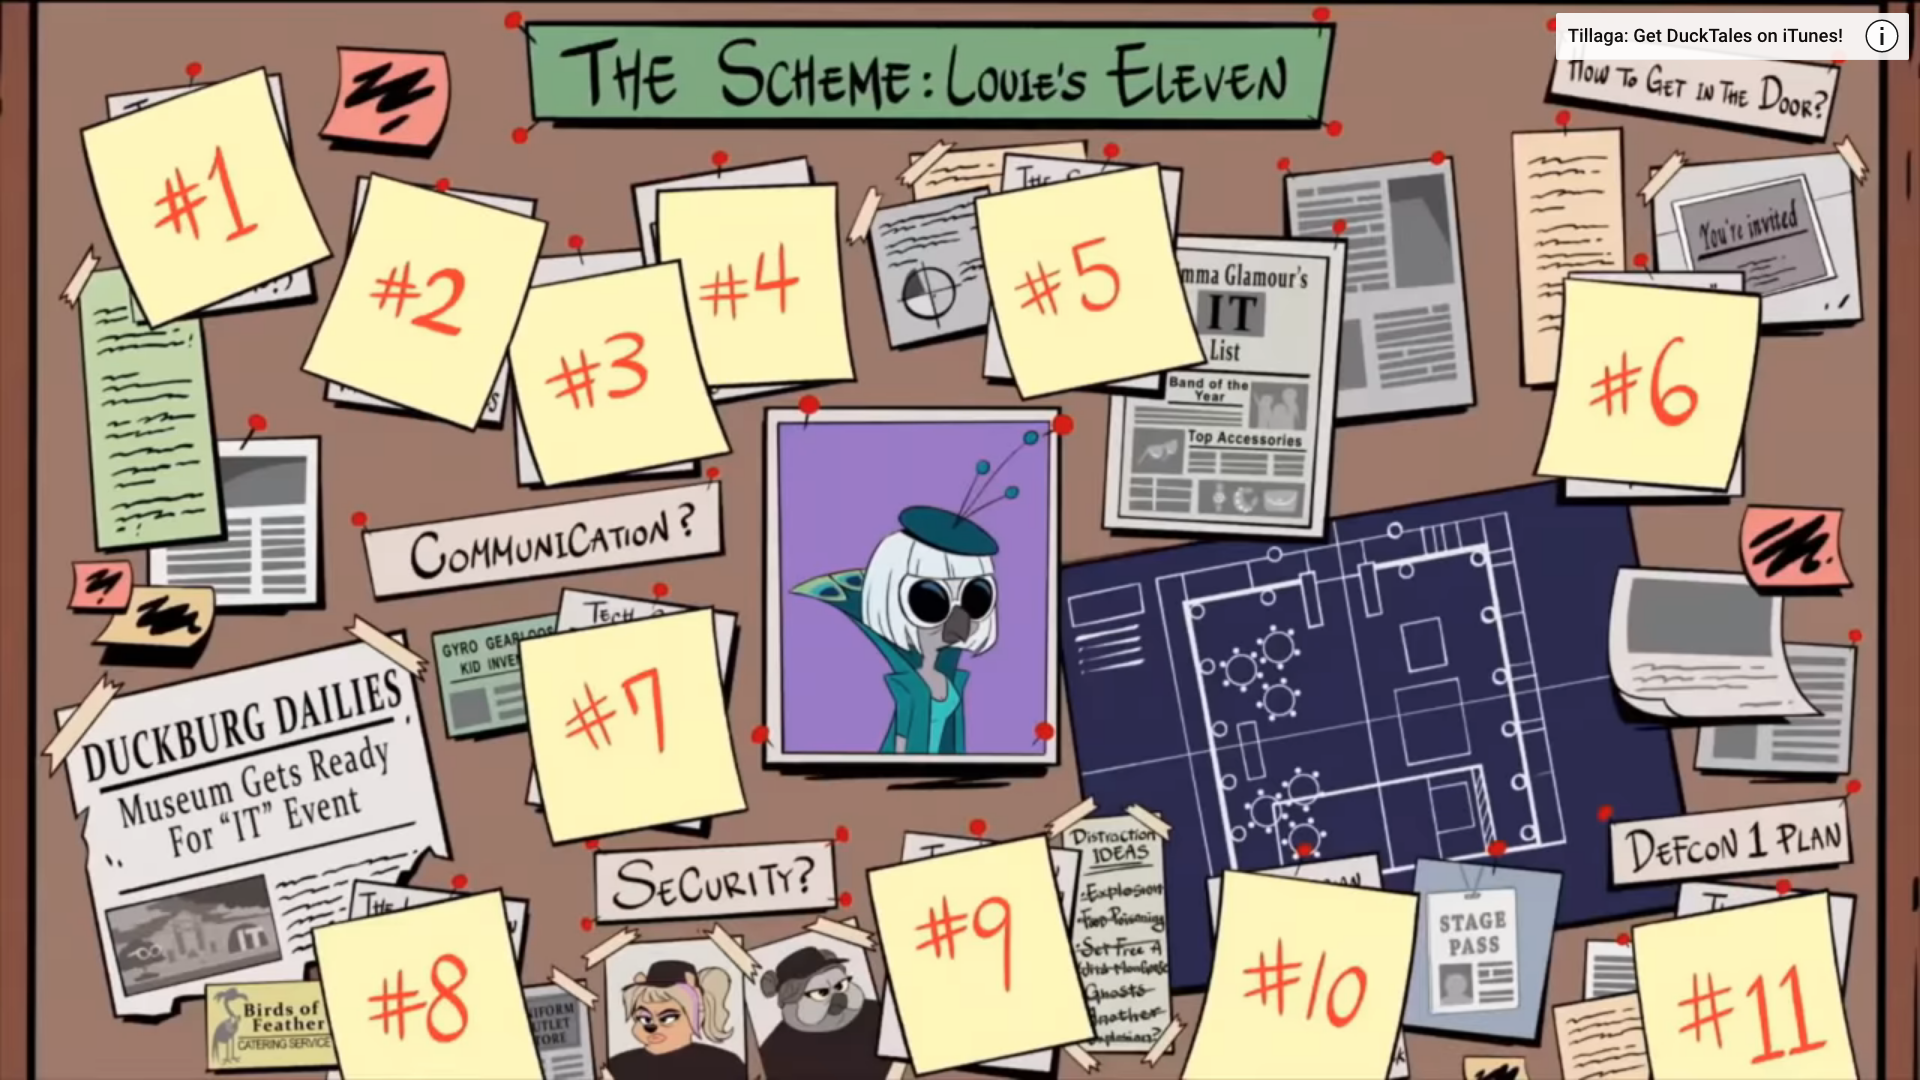 Louie's Eleven (scheme)